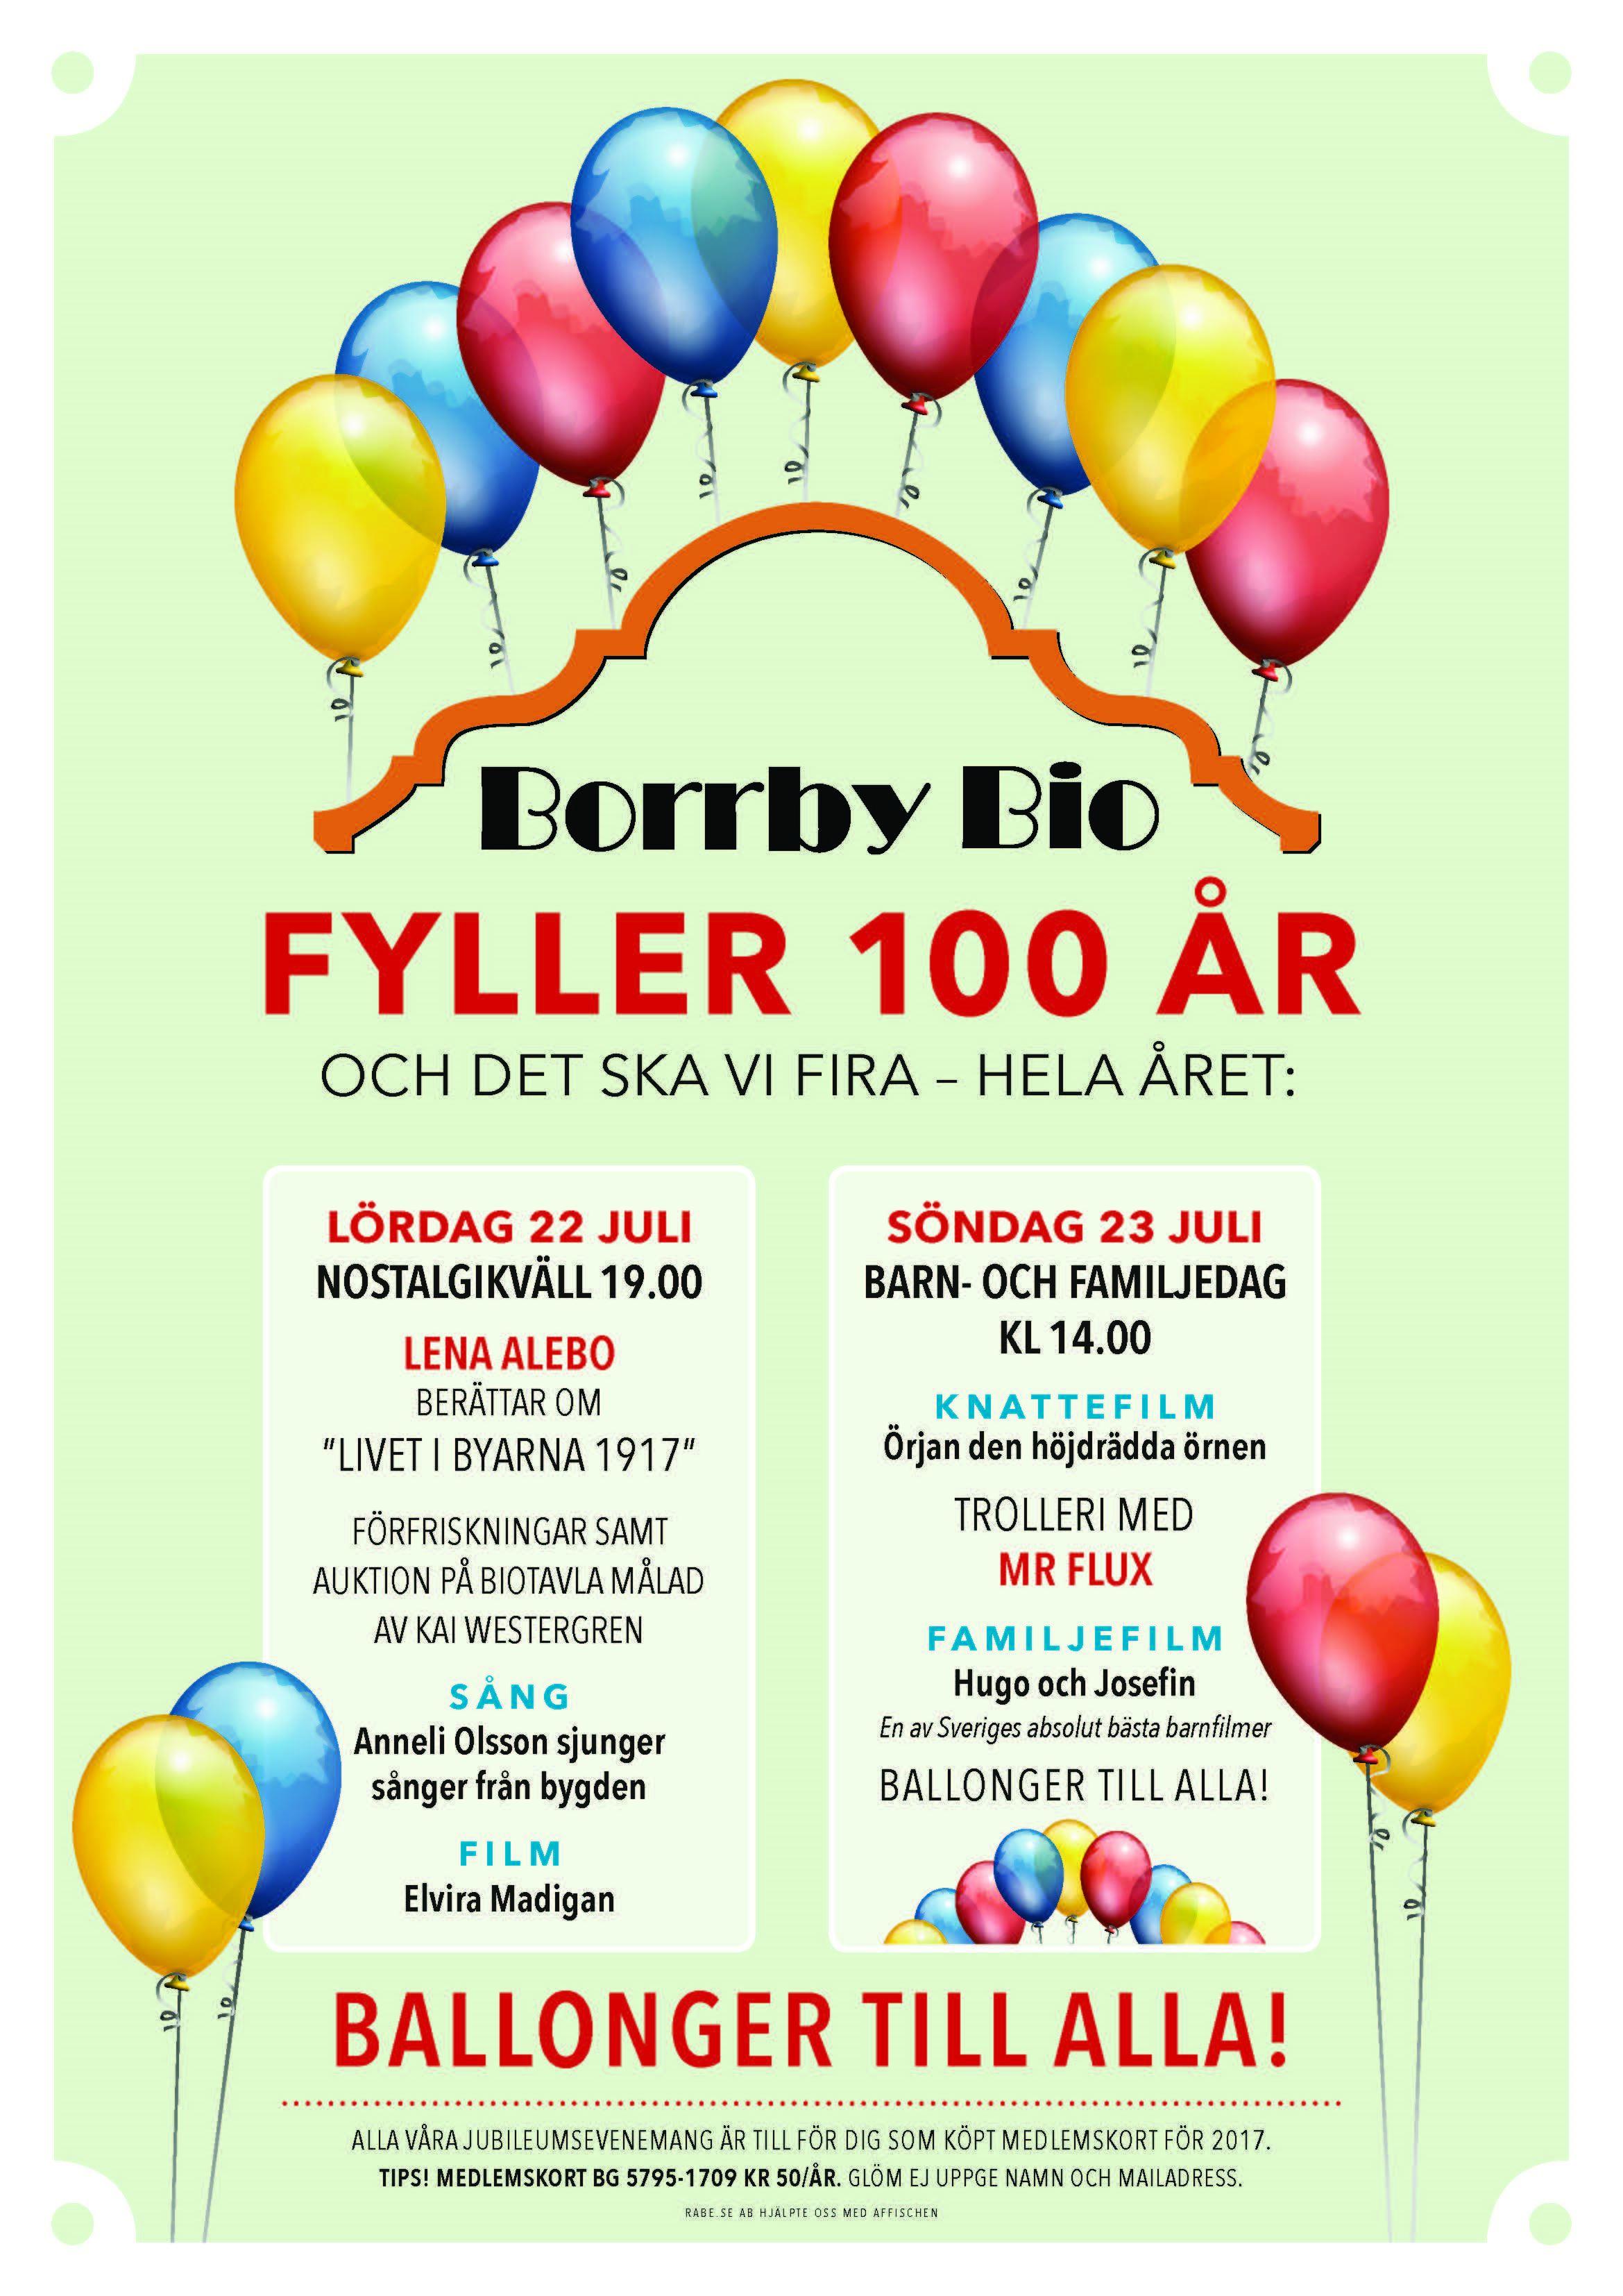 100-årskalas på Borrby Bio - en av Österlens äldsta biografer 1917!